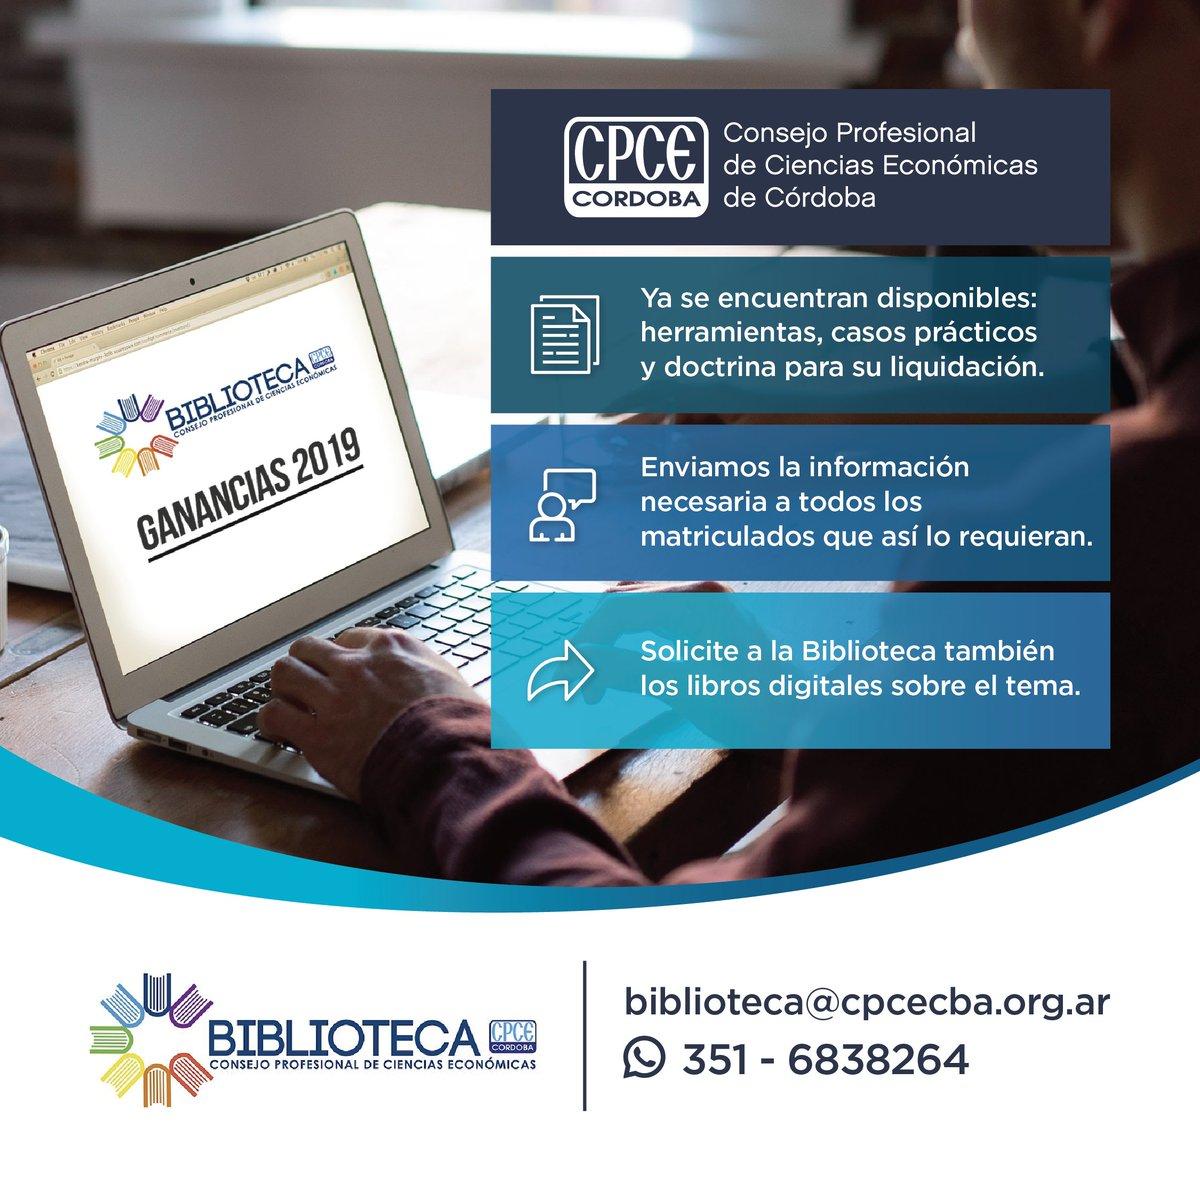 CPCE Córdoba @CPCECordoba: Contáctate por mail con nuestra Biblioteca a biblioteca@cpcecba.org.ar ???? o por teléfono 4688300 opción 9 ????  Podés efectuar consultas y solicitar búsquedas especializadas sobre una temática particular del ámbito impositivo, laboral, contable, societario, económico, etc. https://t.co/bp3ig2zVTo